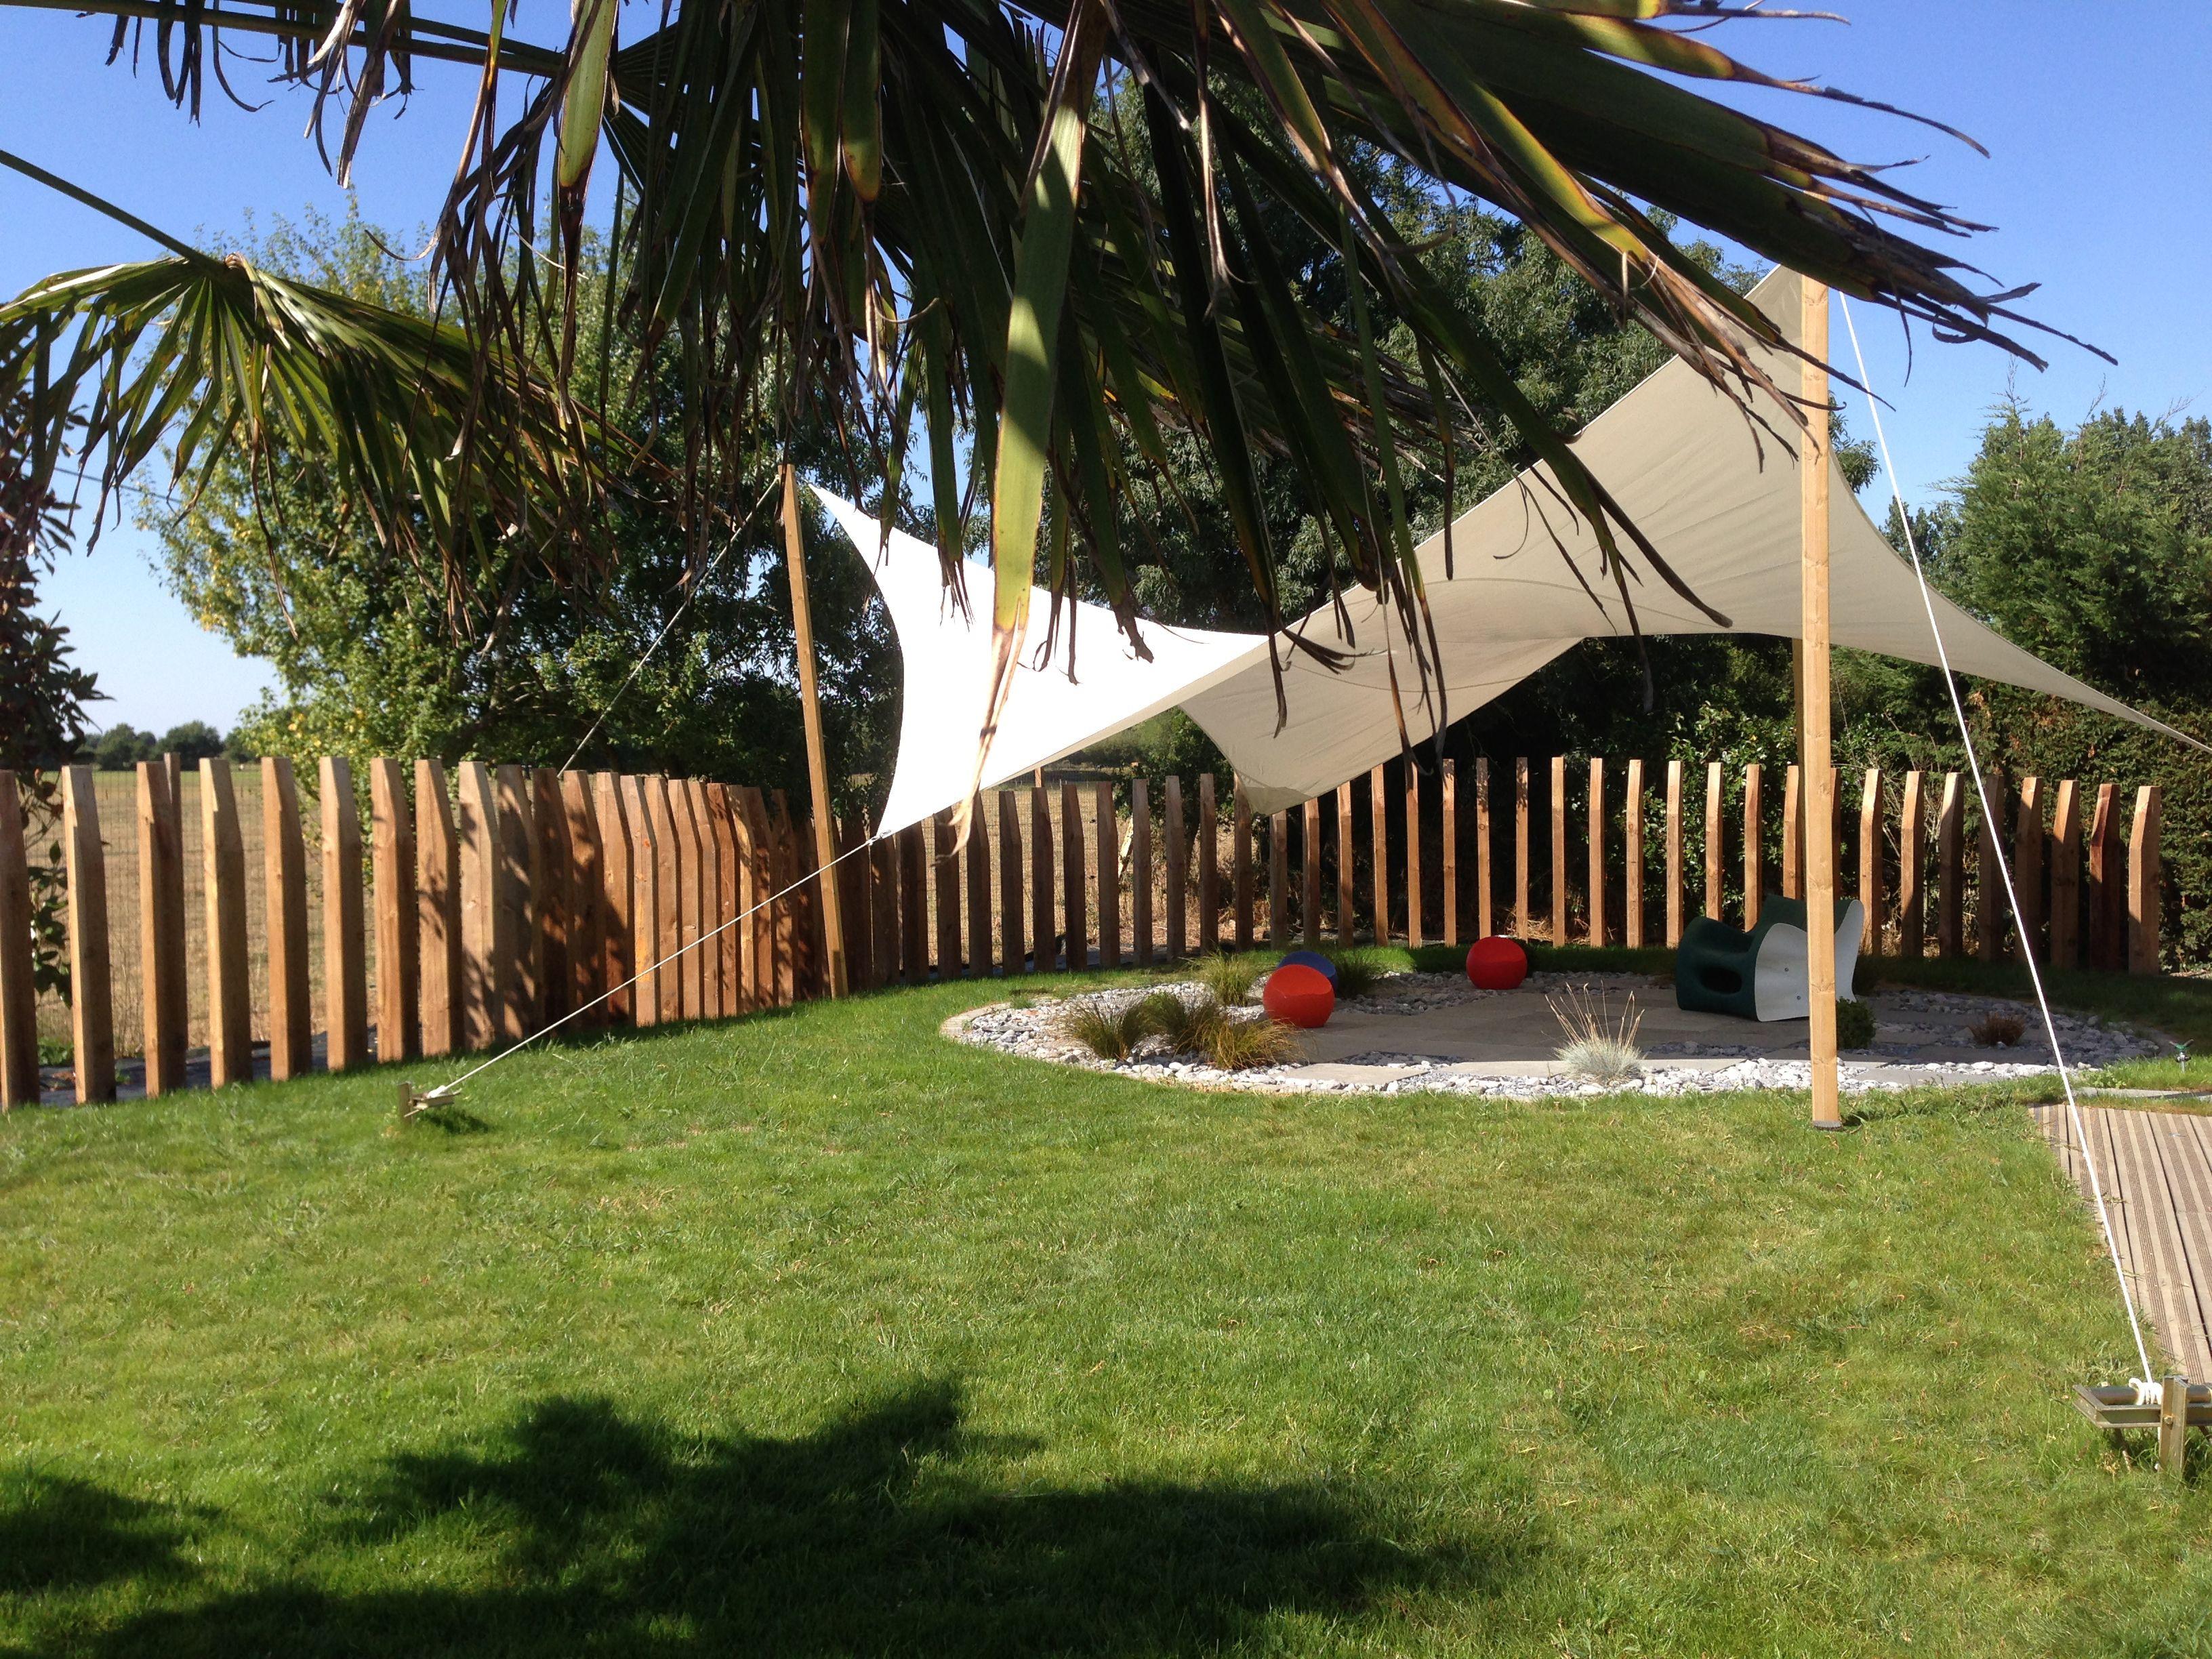 Salon De Jardin Amenage Toile Tendue Ombrage Palmier Jardin